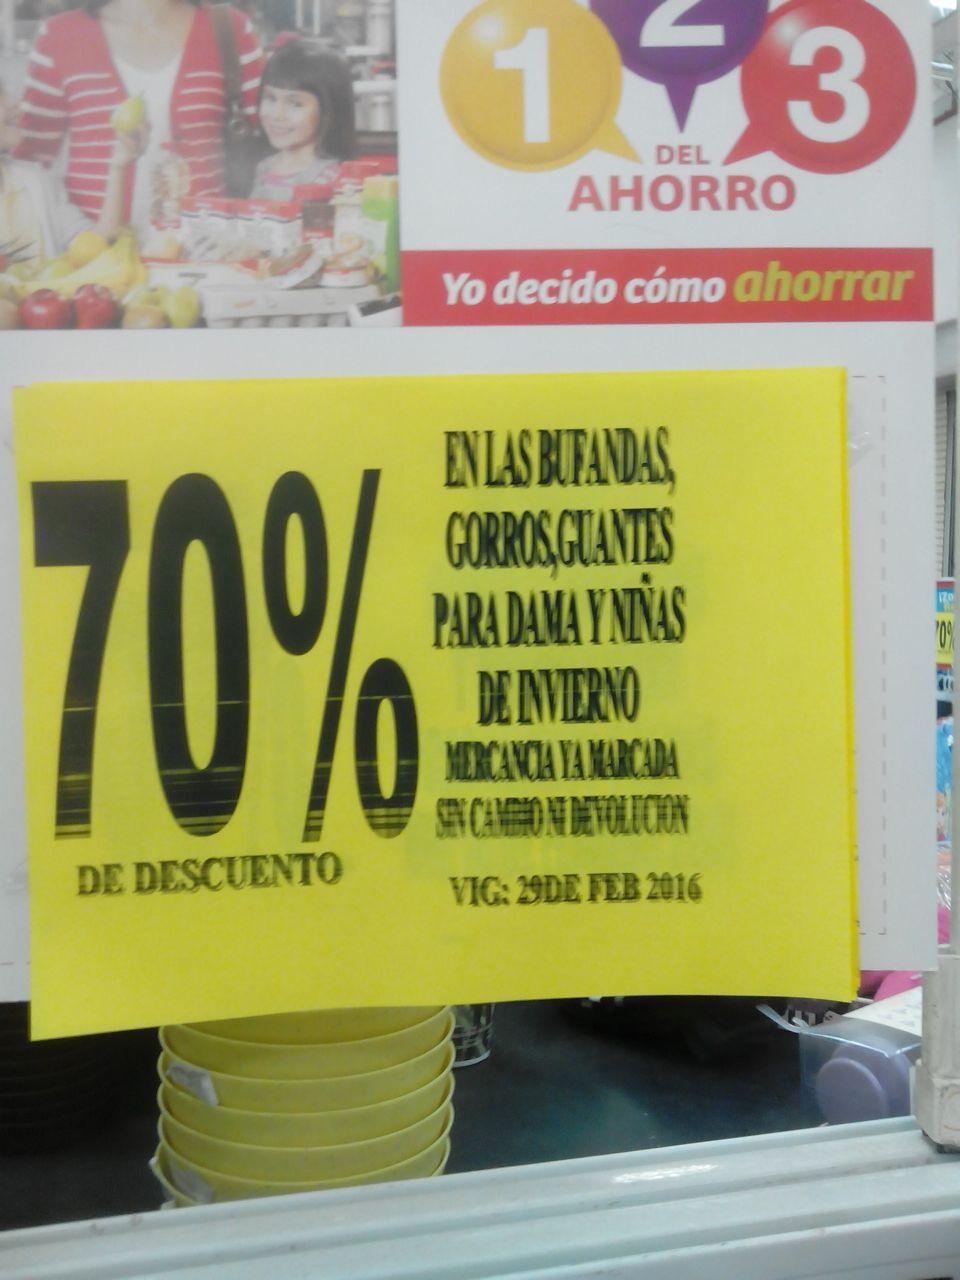 Soriana Tampico Aeropuerto: 70% de descuento en ropa de invierno